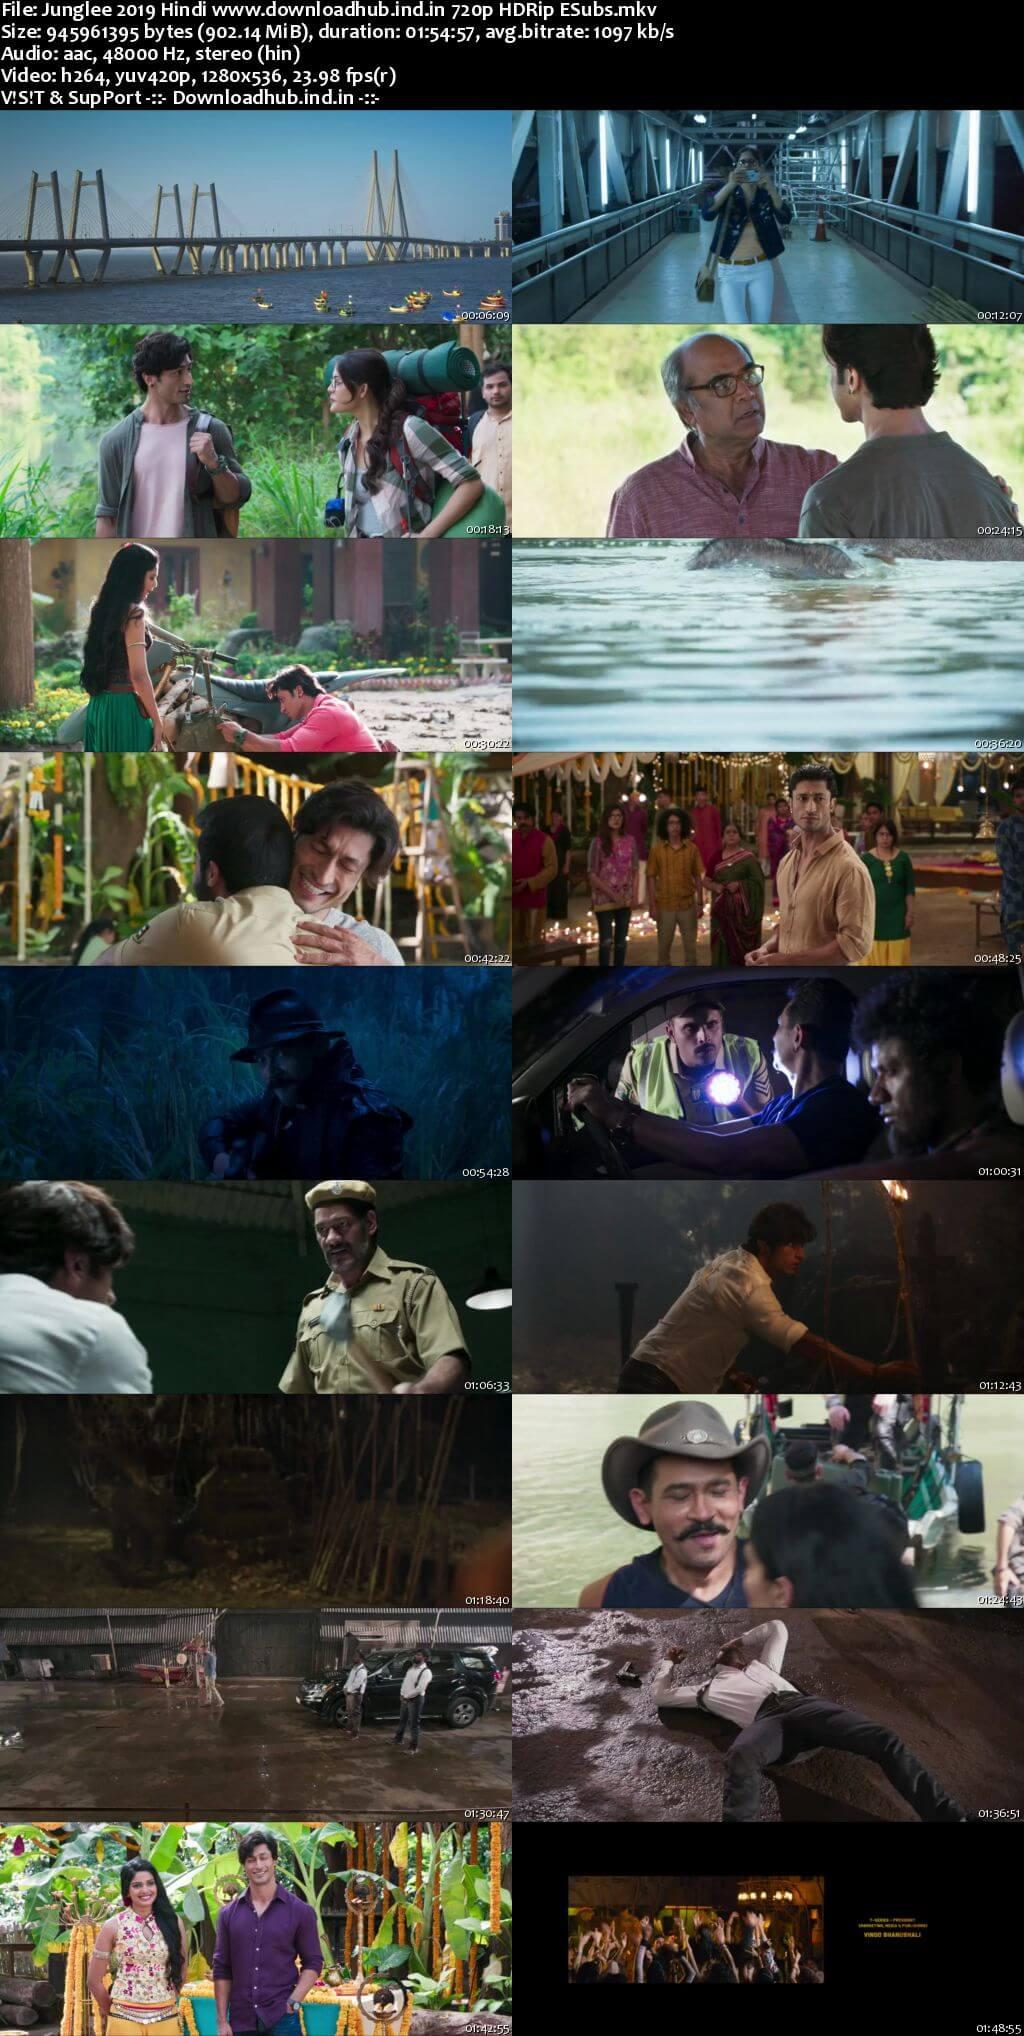 Junglee 2019 Hindi 720p HDRip ESubs